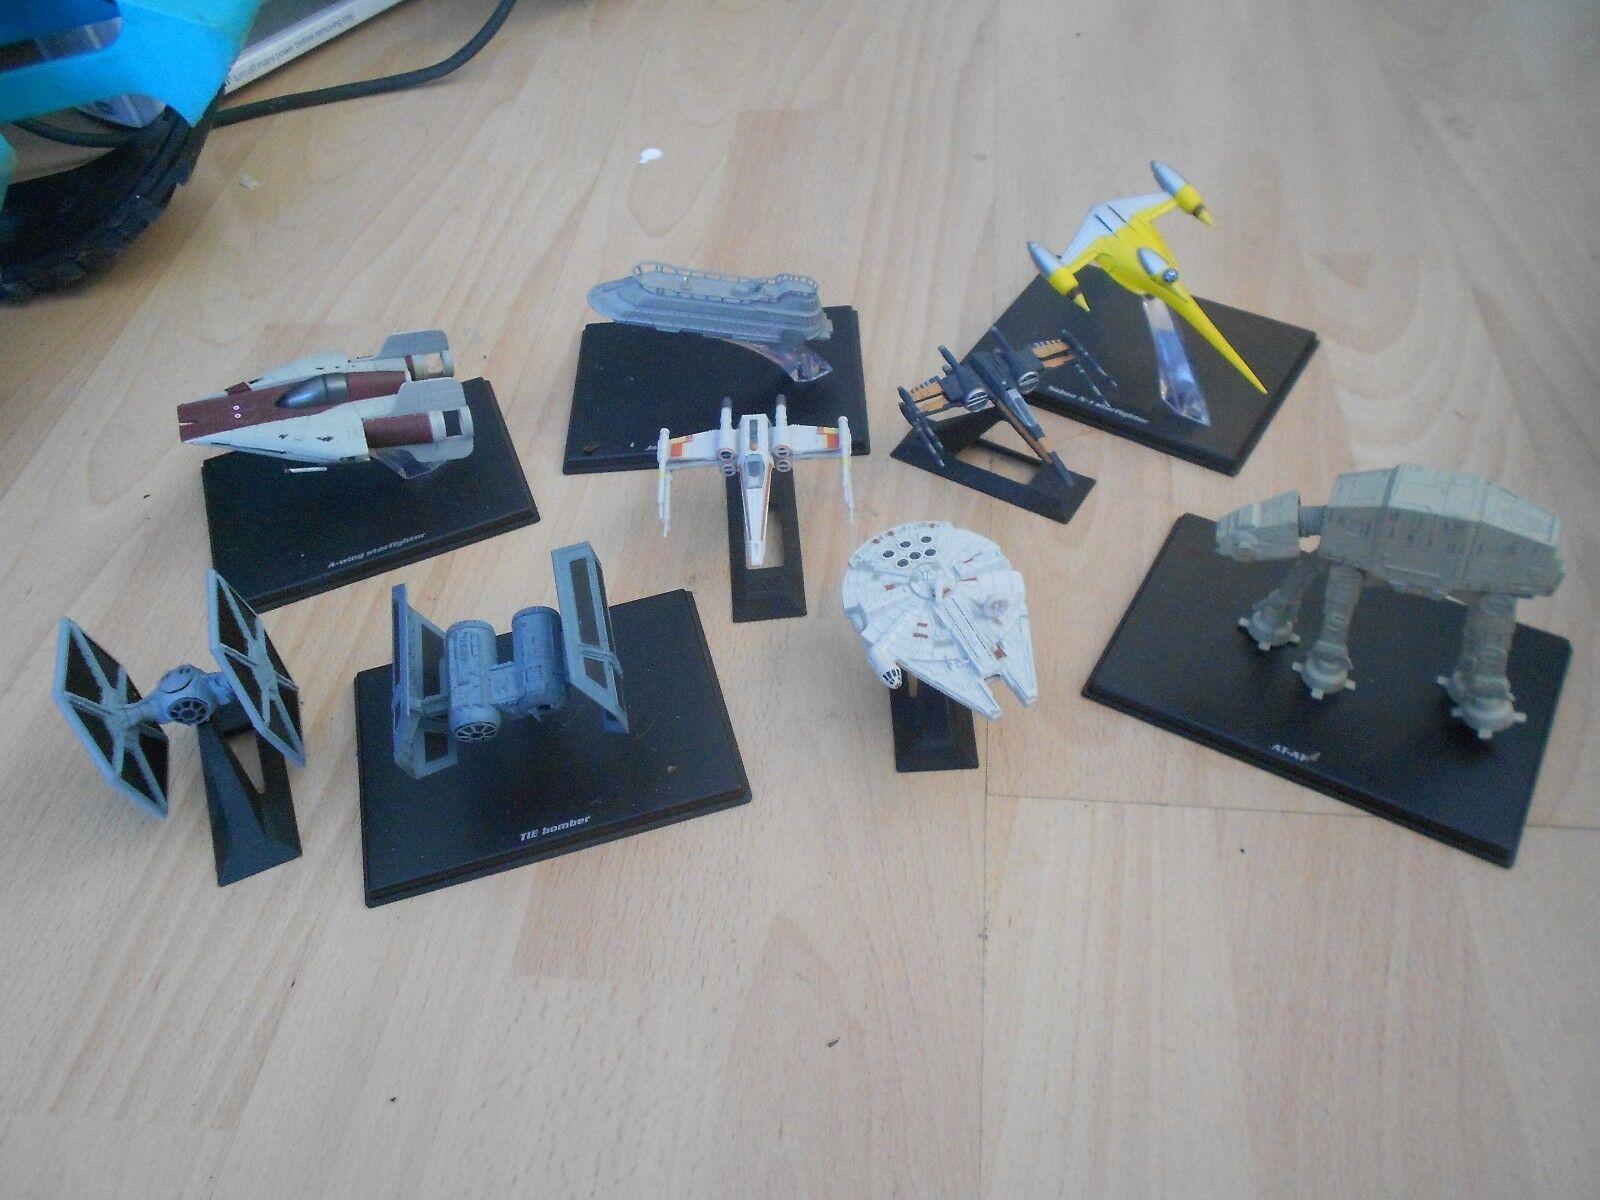 9 X STAR WARS STEEL  DIECAST MODEL SPACE SHIPS SHIPS SHIPS   LAND WALKER e95809